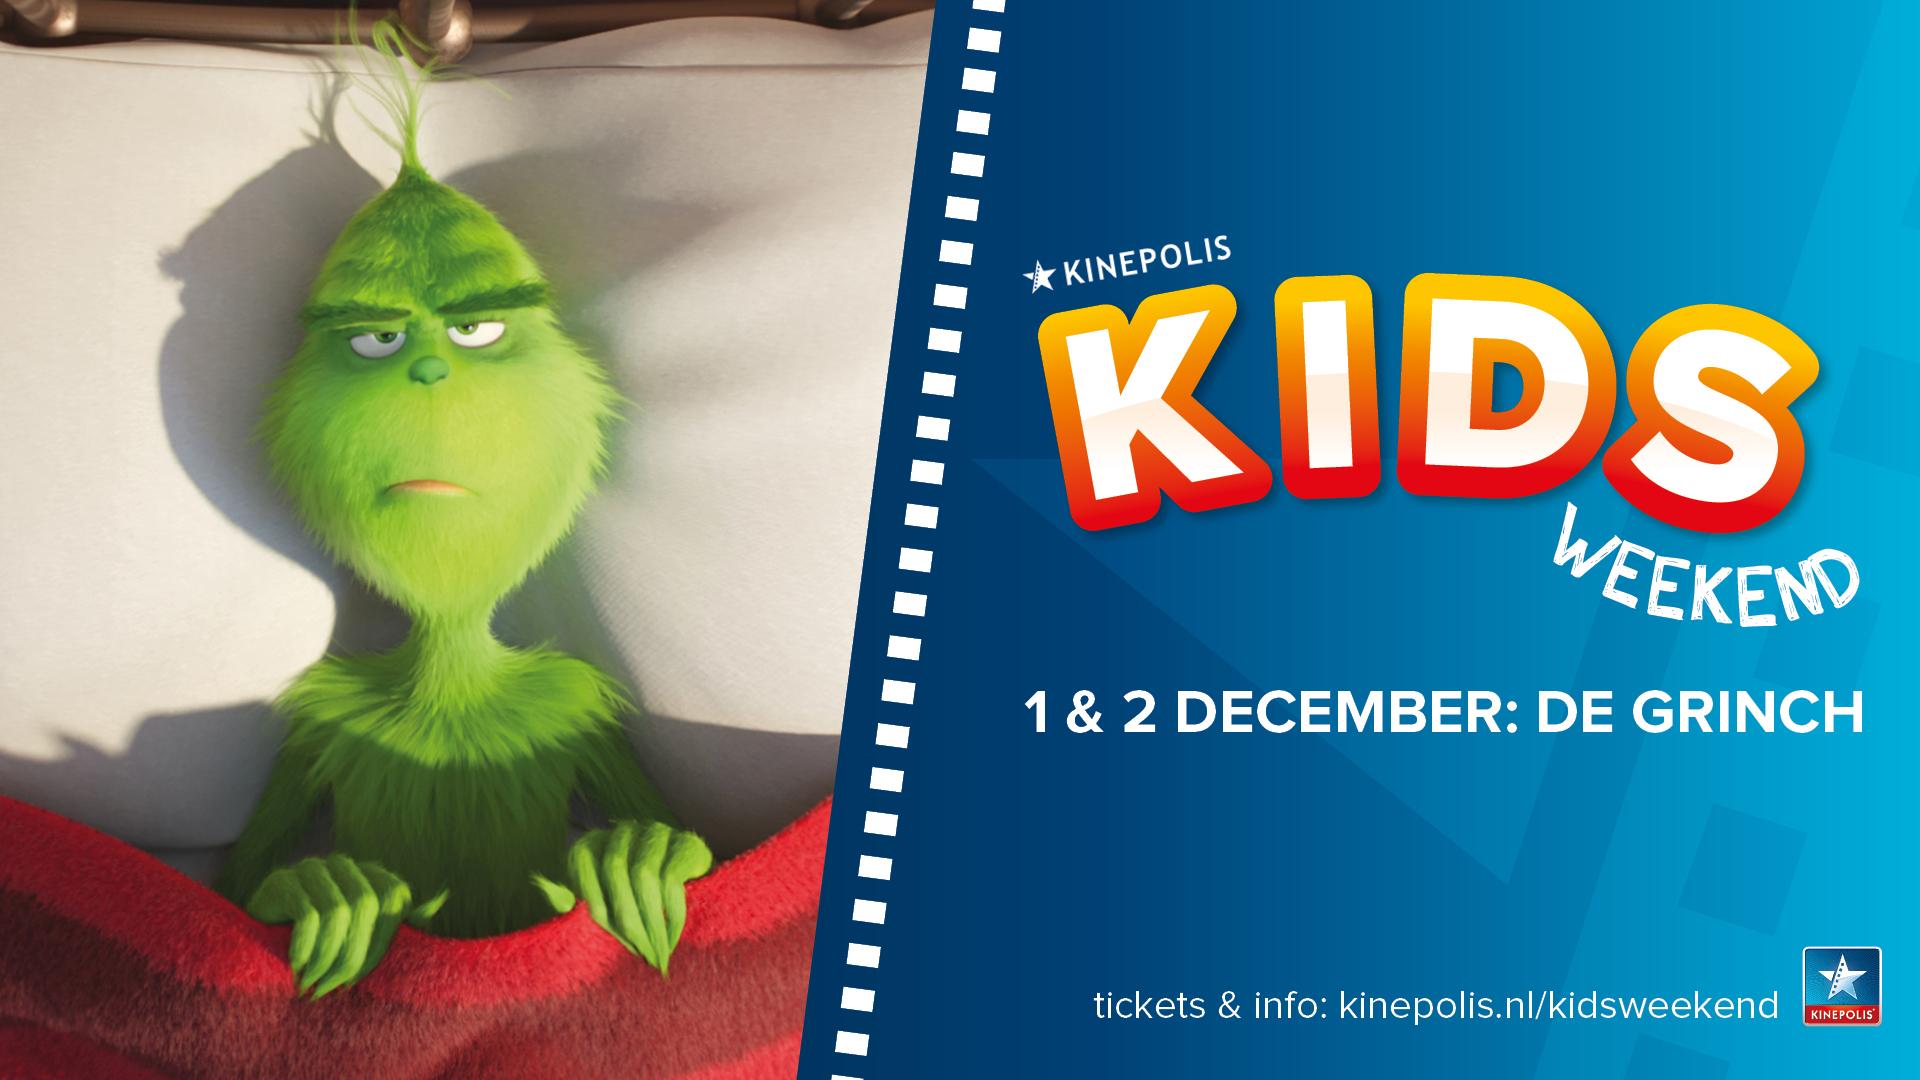 Win 2 vrijkaarten voor De Grinch en het kidsweekend bij Kinepolis